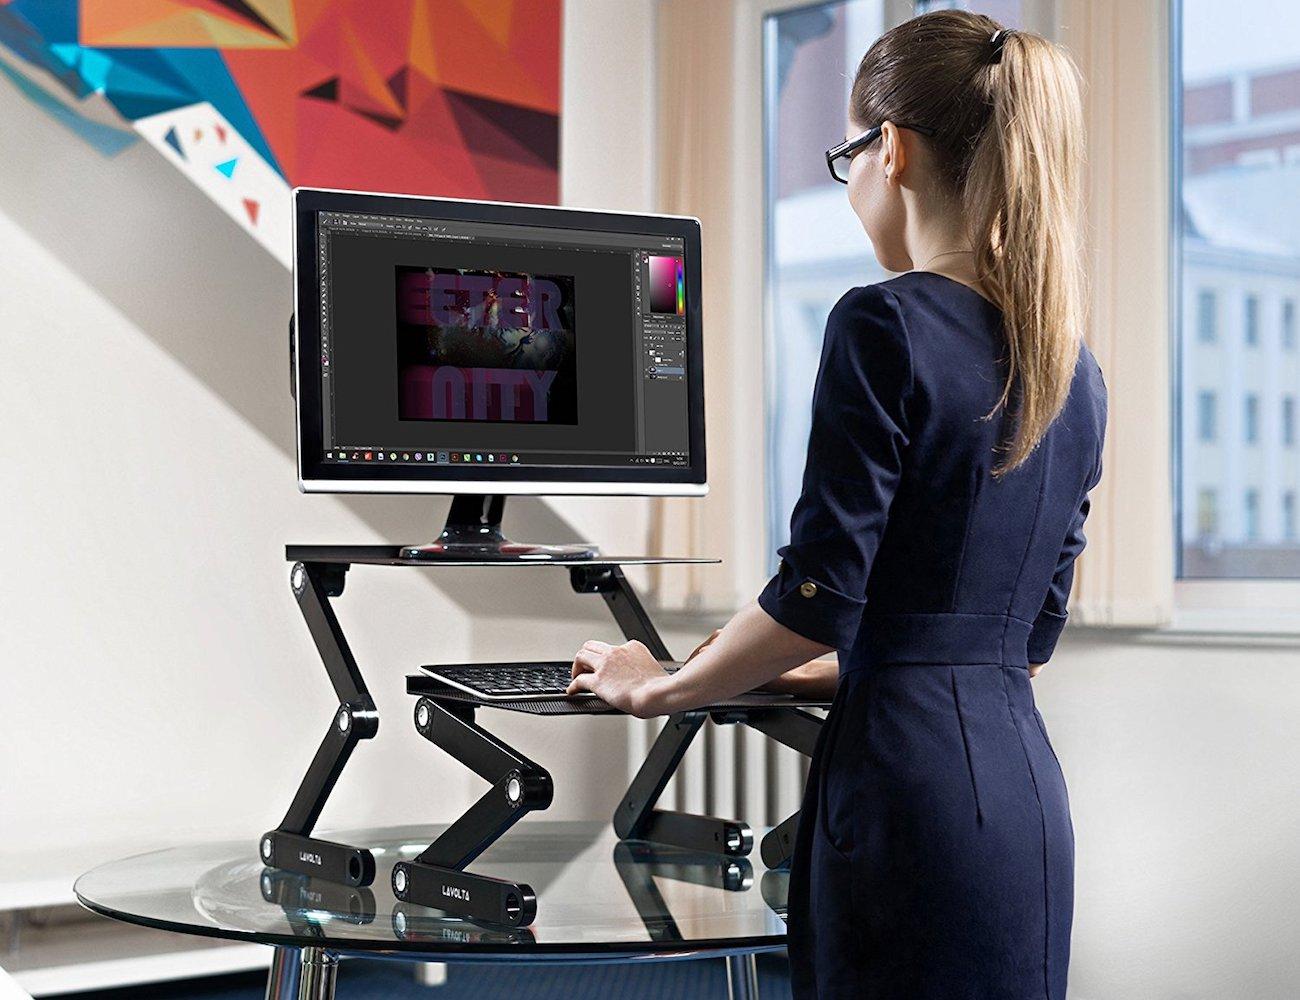 Lavolta Ergonomic Foldable Laptop Stand improves your productivity